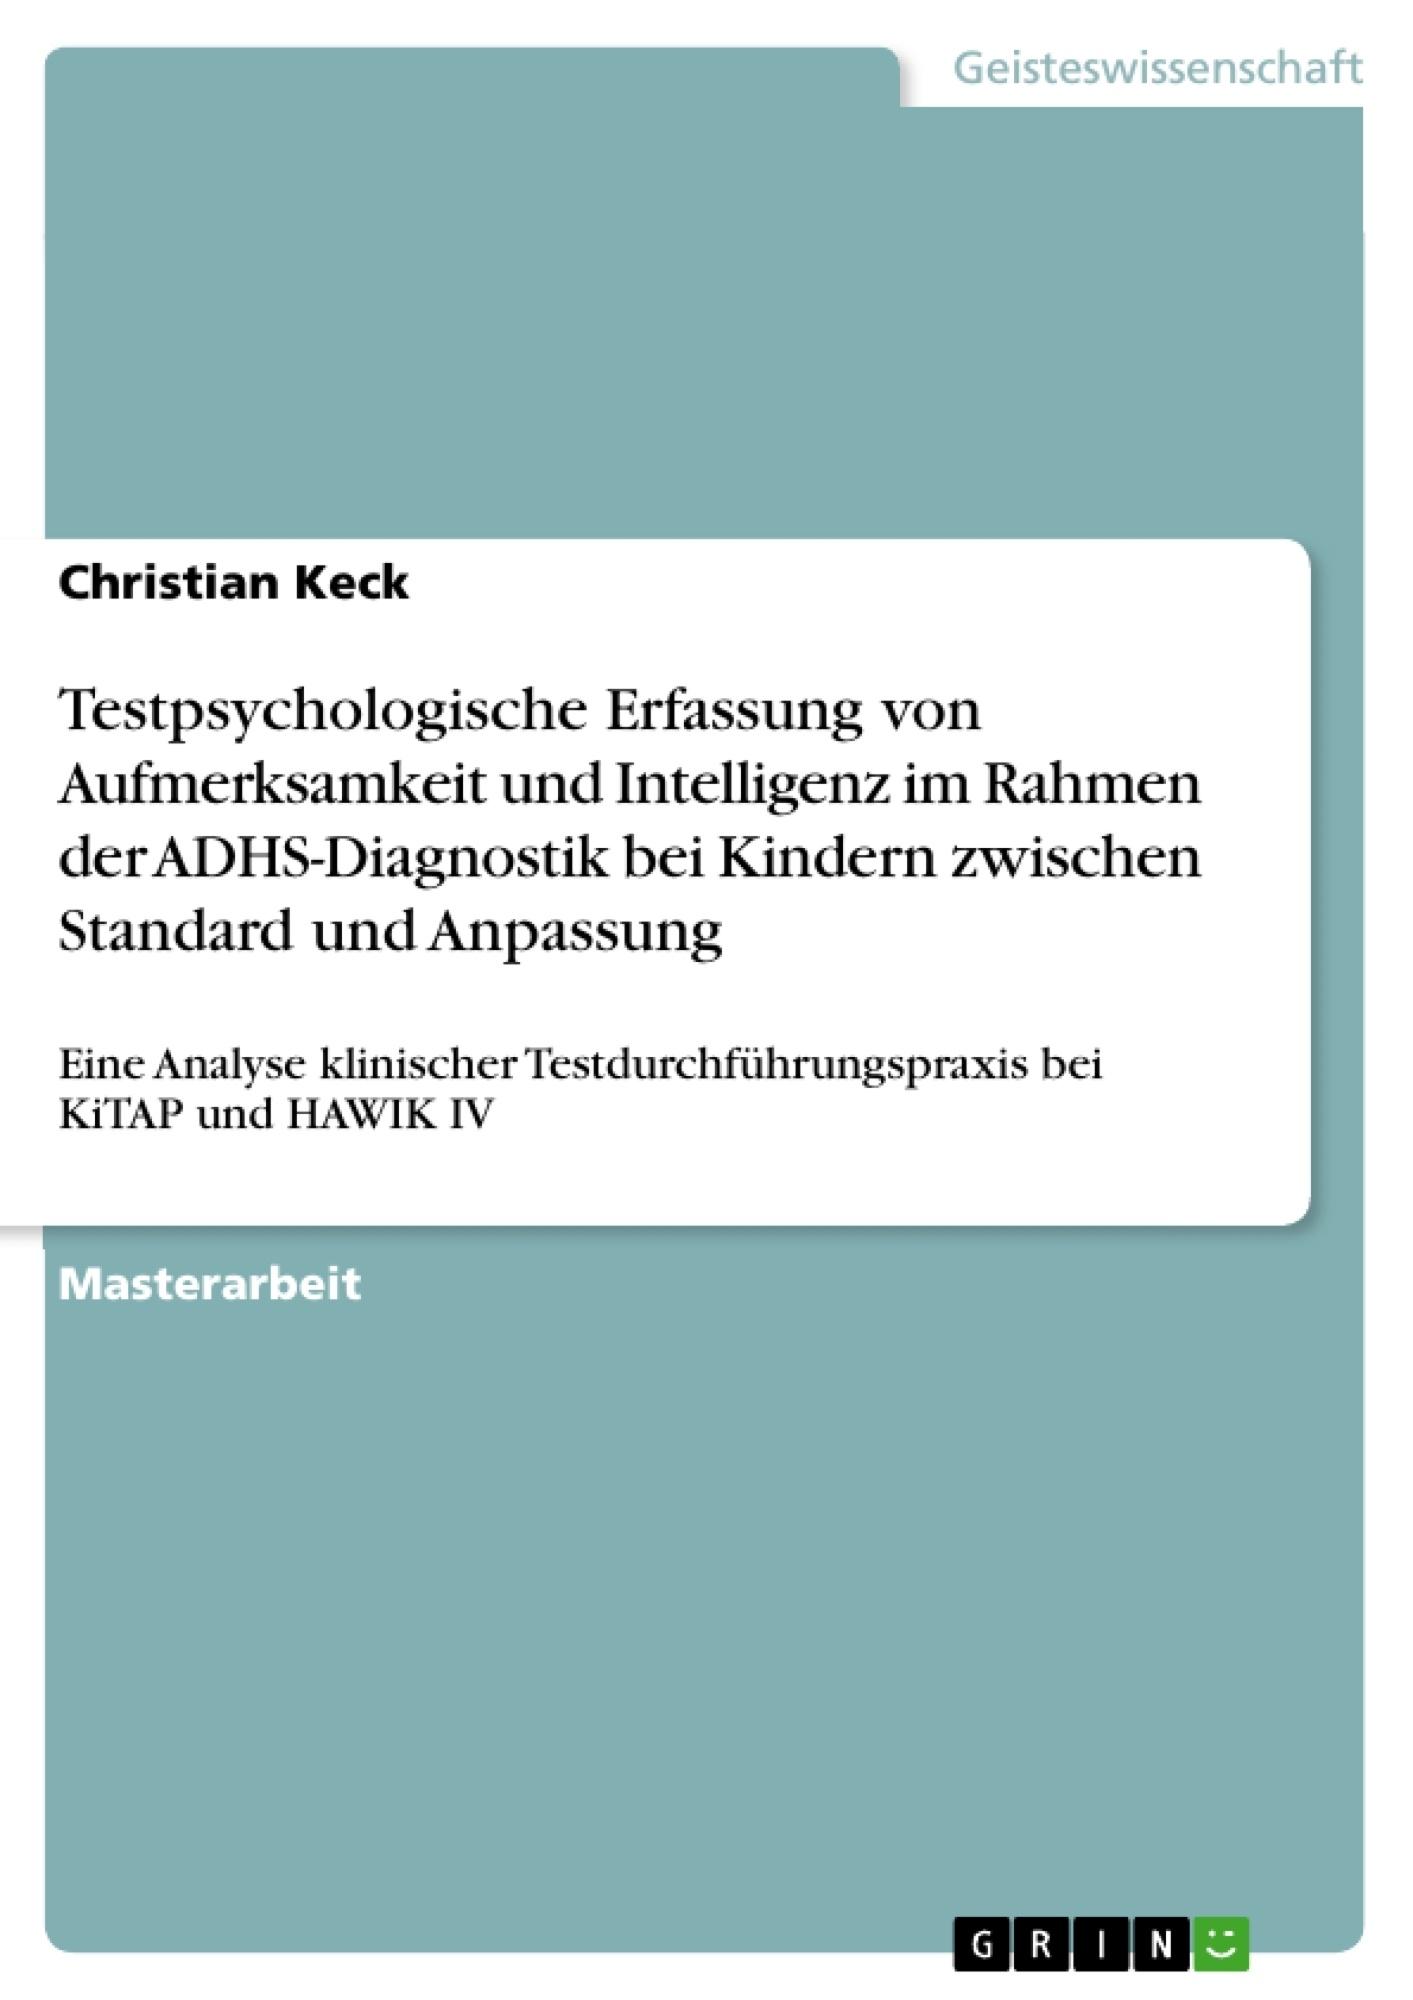 Titel: Testpsychologische Erfassung von Aufmerksamkeit und Intelligenz im Rahmen der ADHS-Diagnostik bei Kindern zwischen Standard und Anpassung